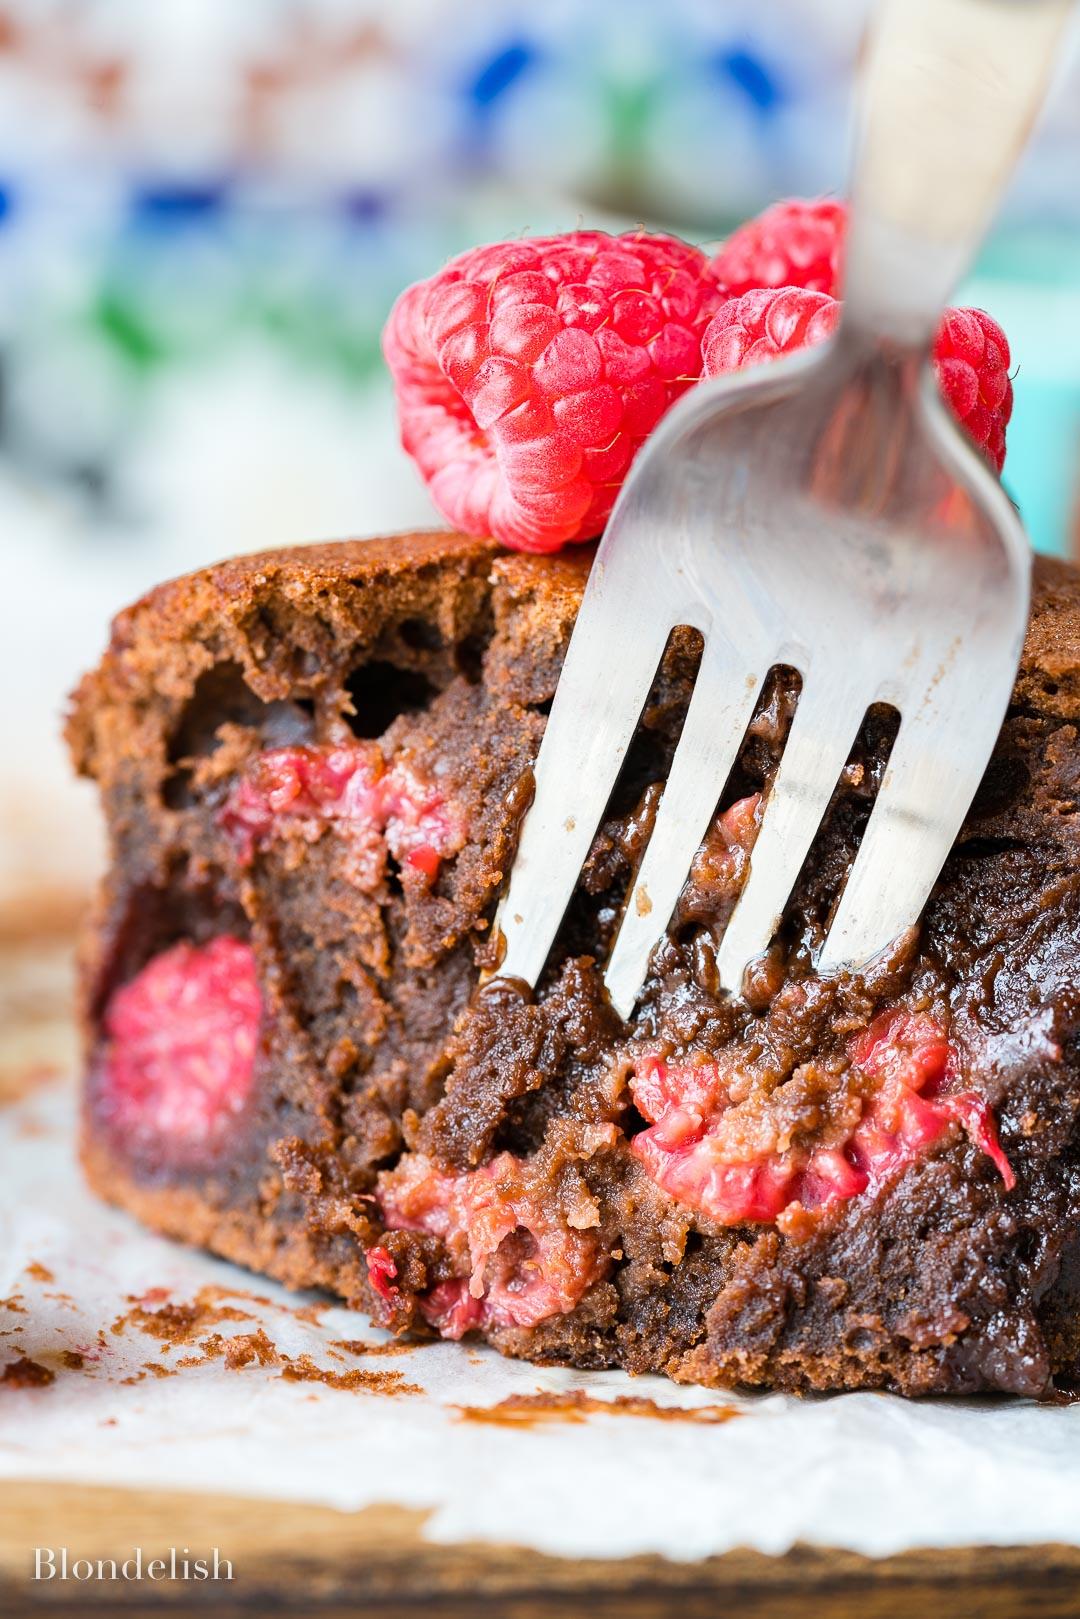 Cea mai buna Reteta de Negrese cu Ciocolata - Reteta de brownies a lui Jamie Oliver